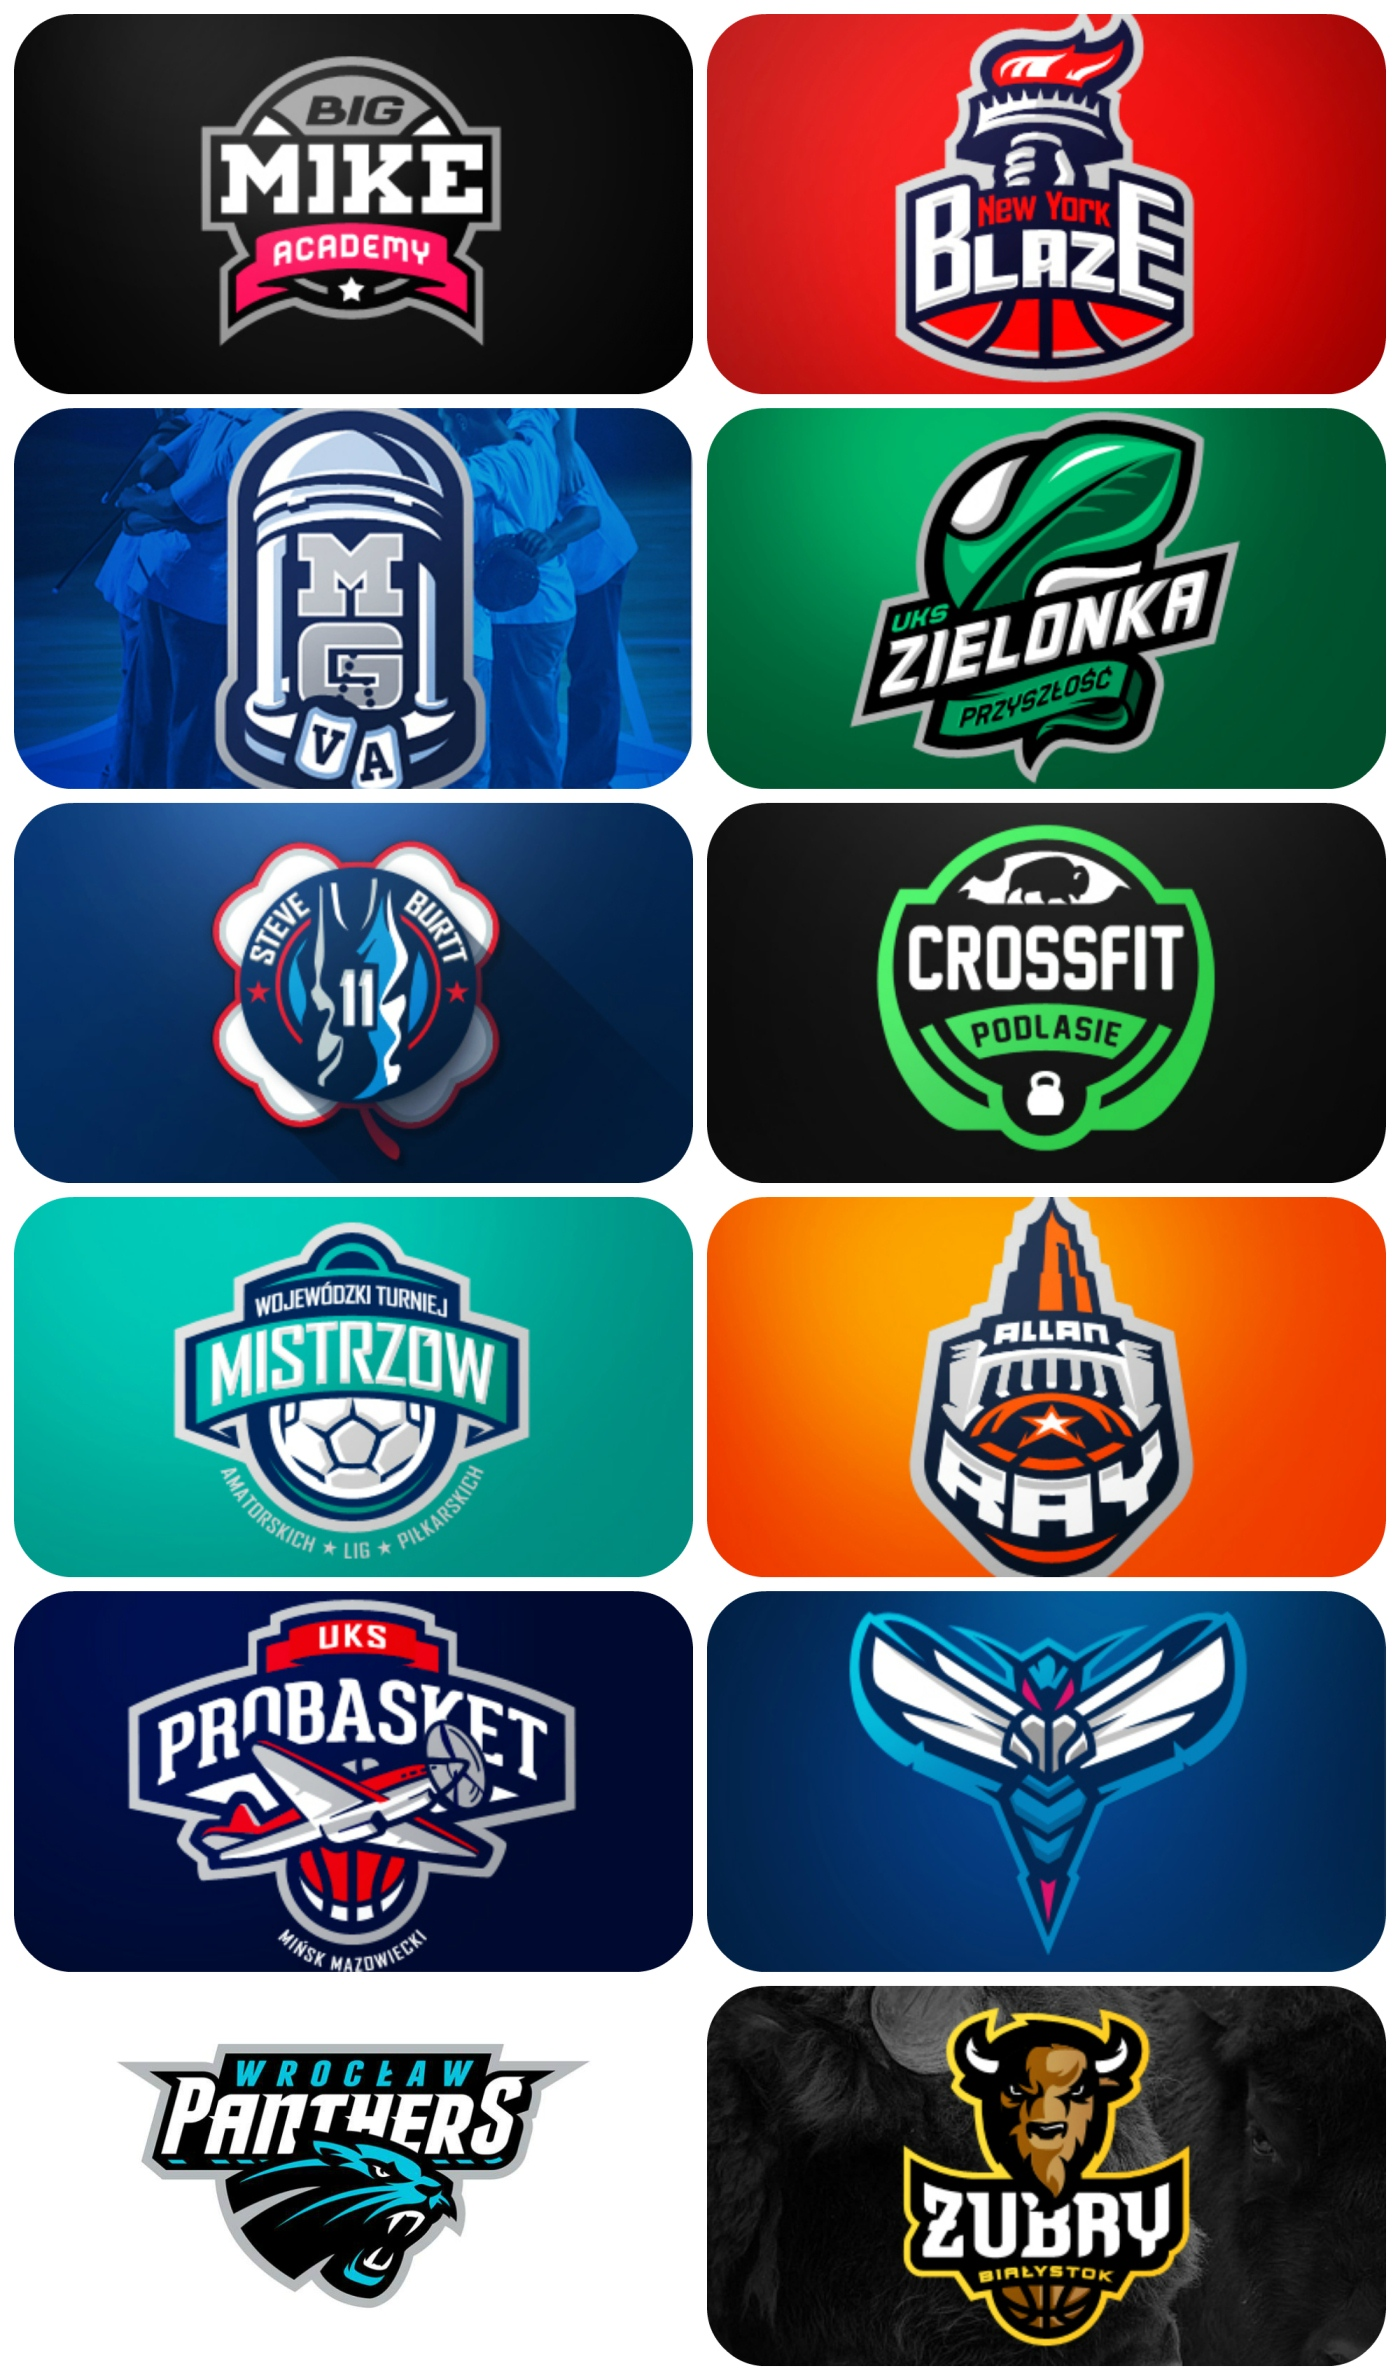 KD Logos